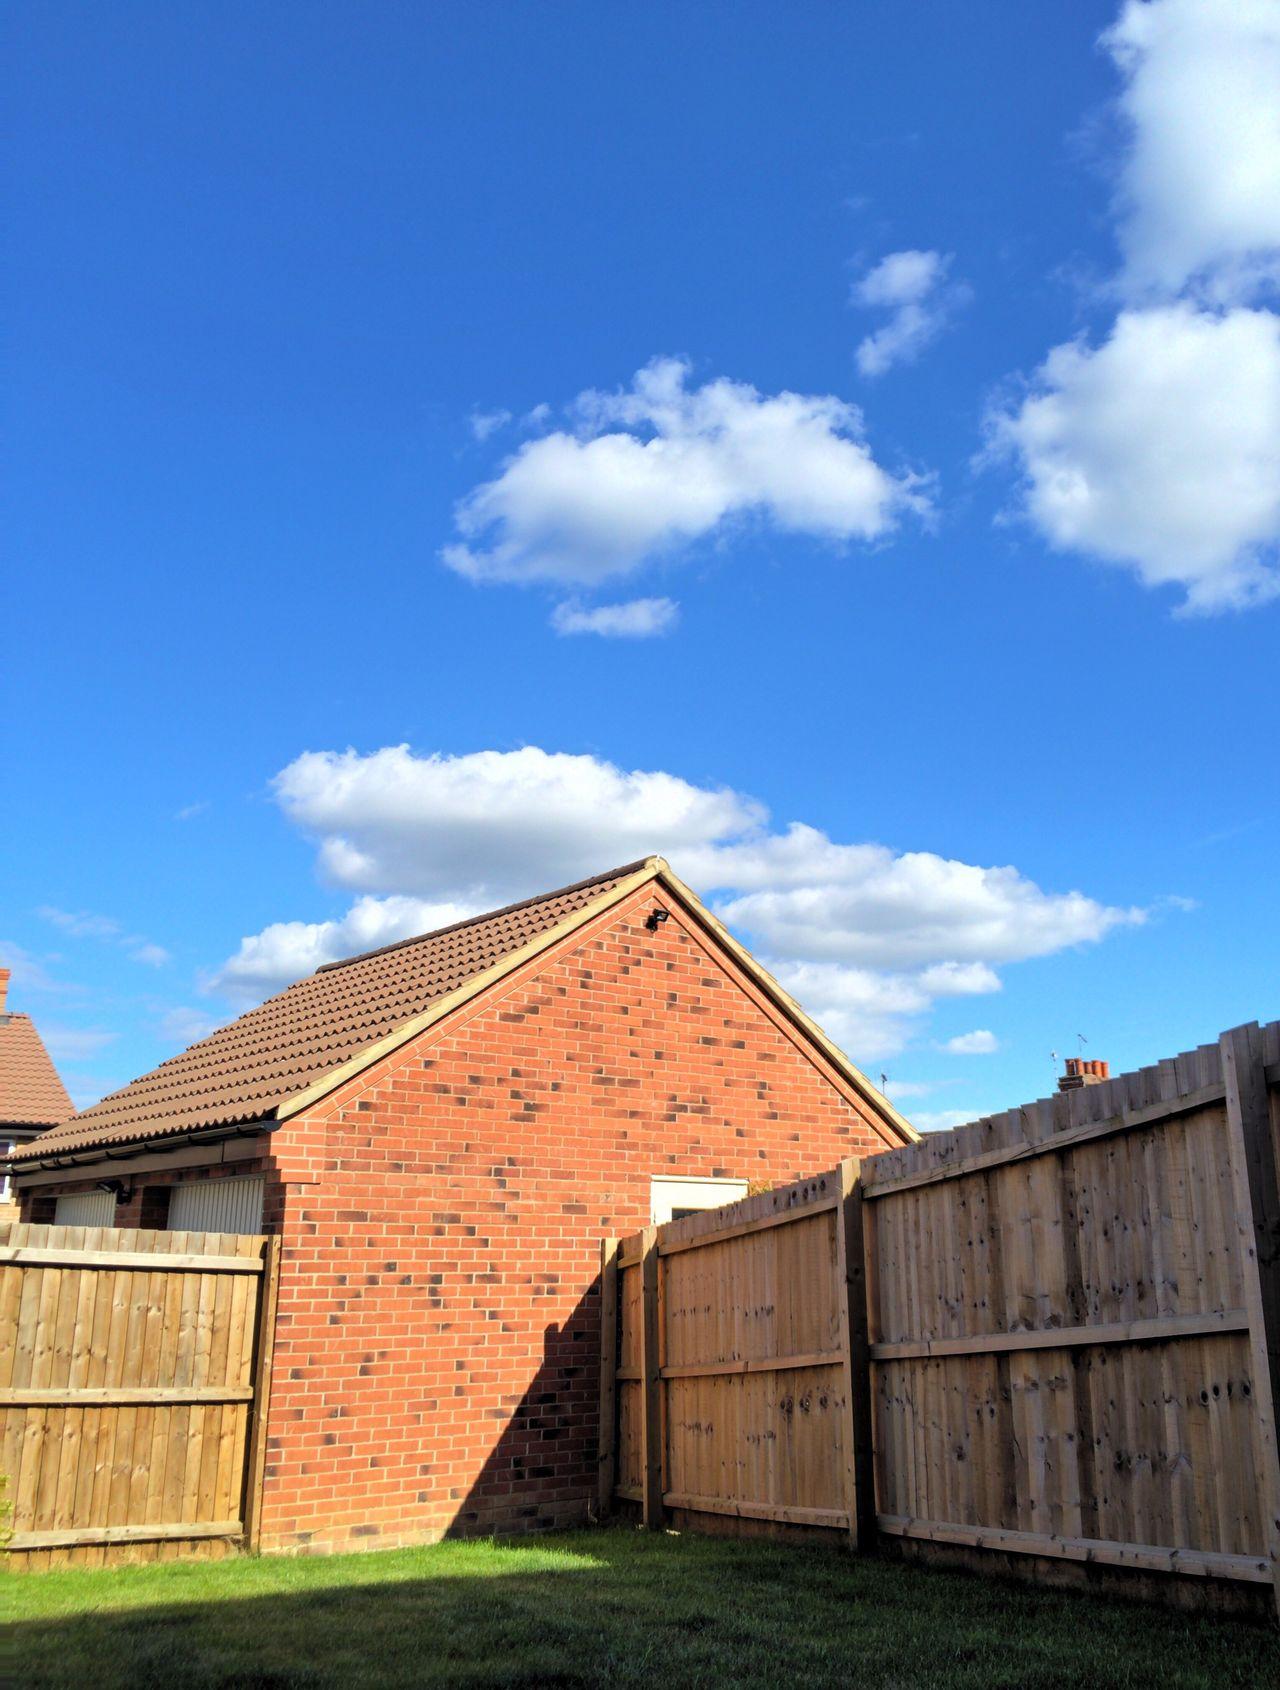 Ideal Fresh Clean New Garden Garage Wood Fence Green Grass Blue Sky Clouds